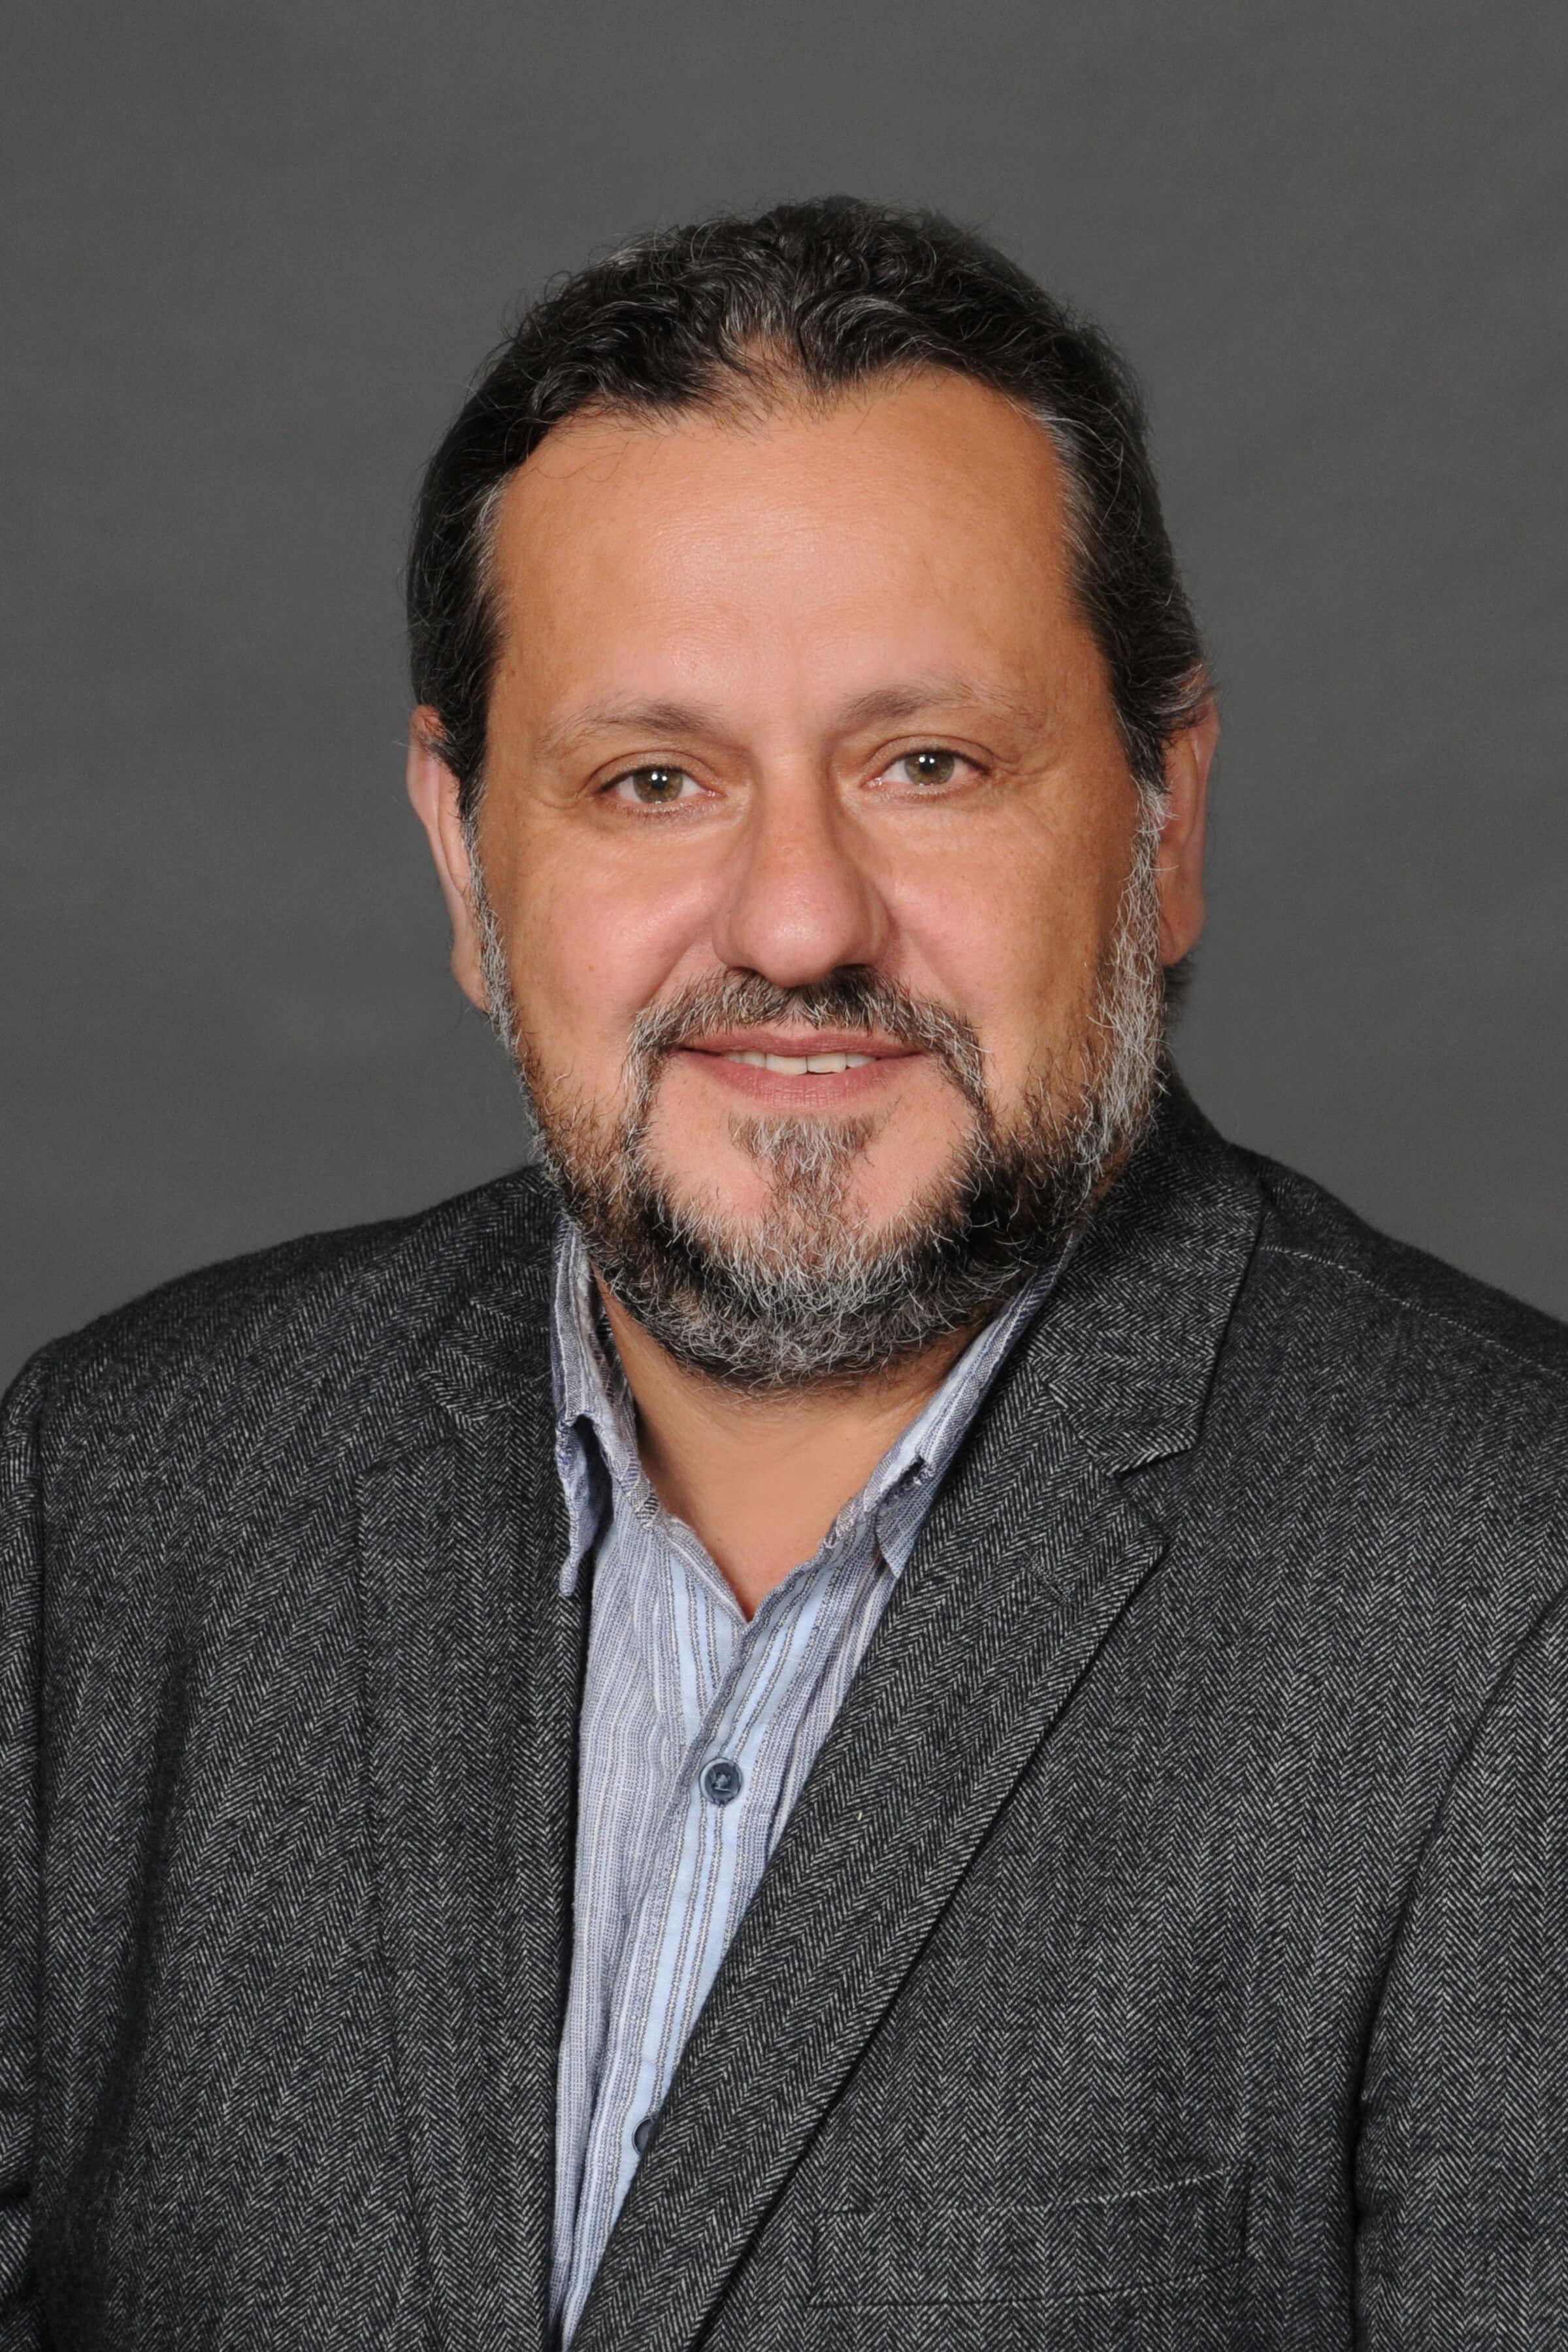 George Nicolae